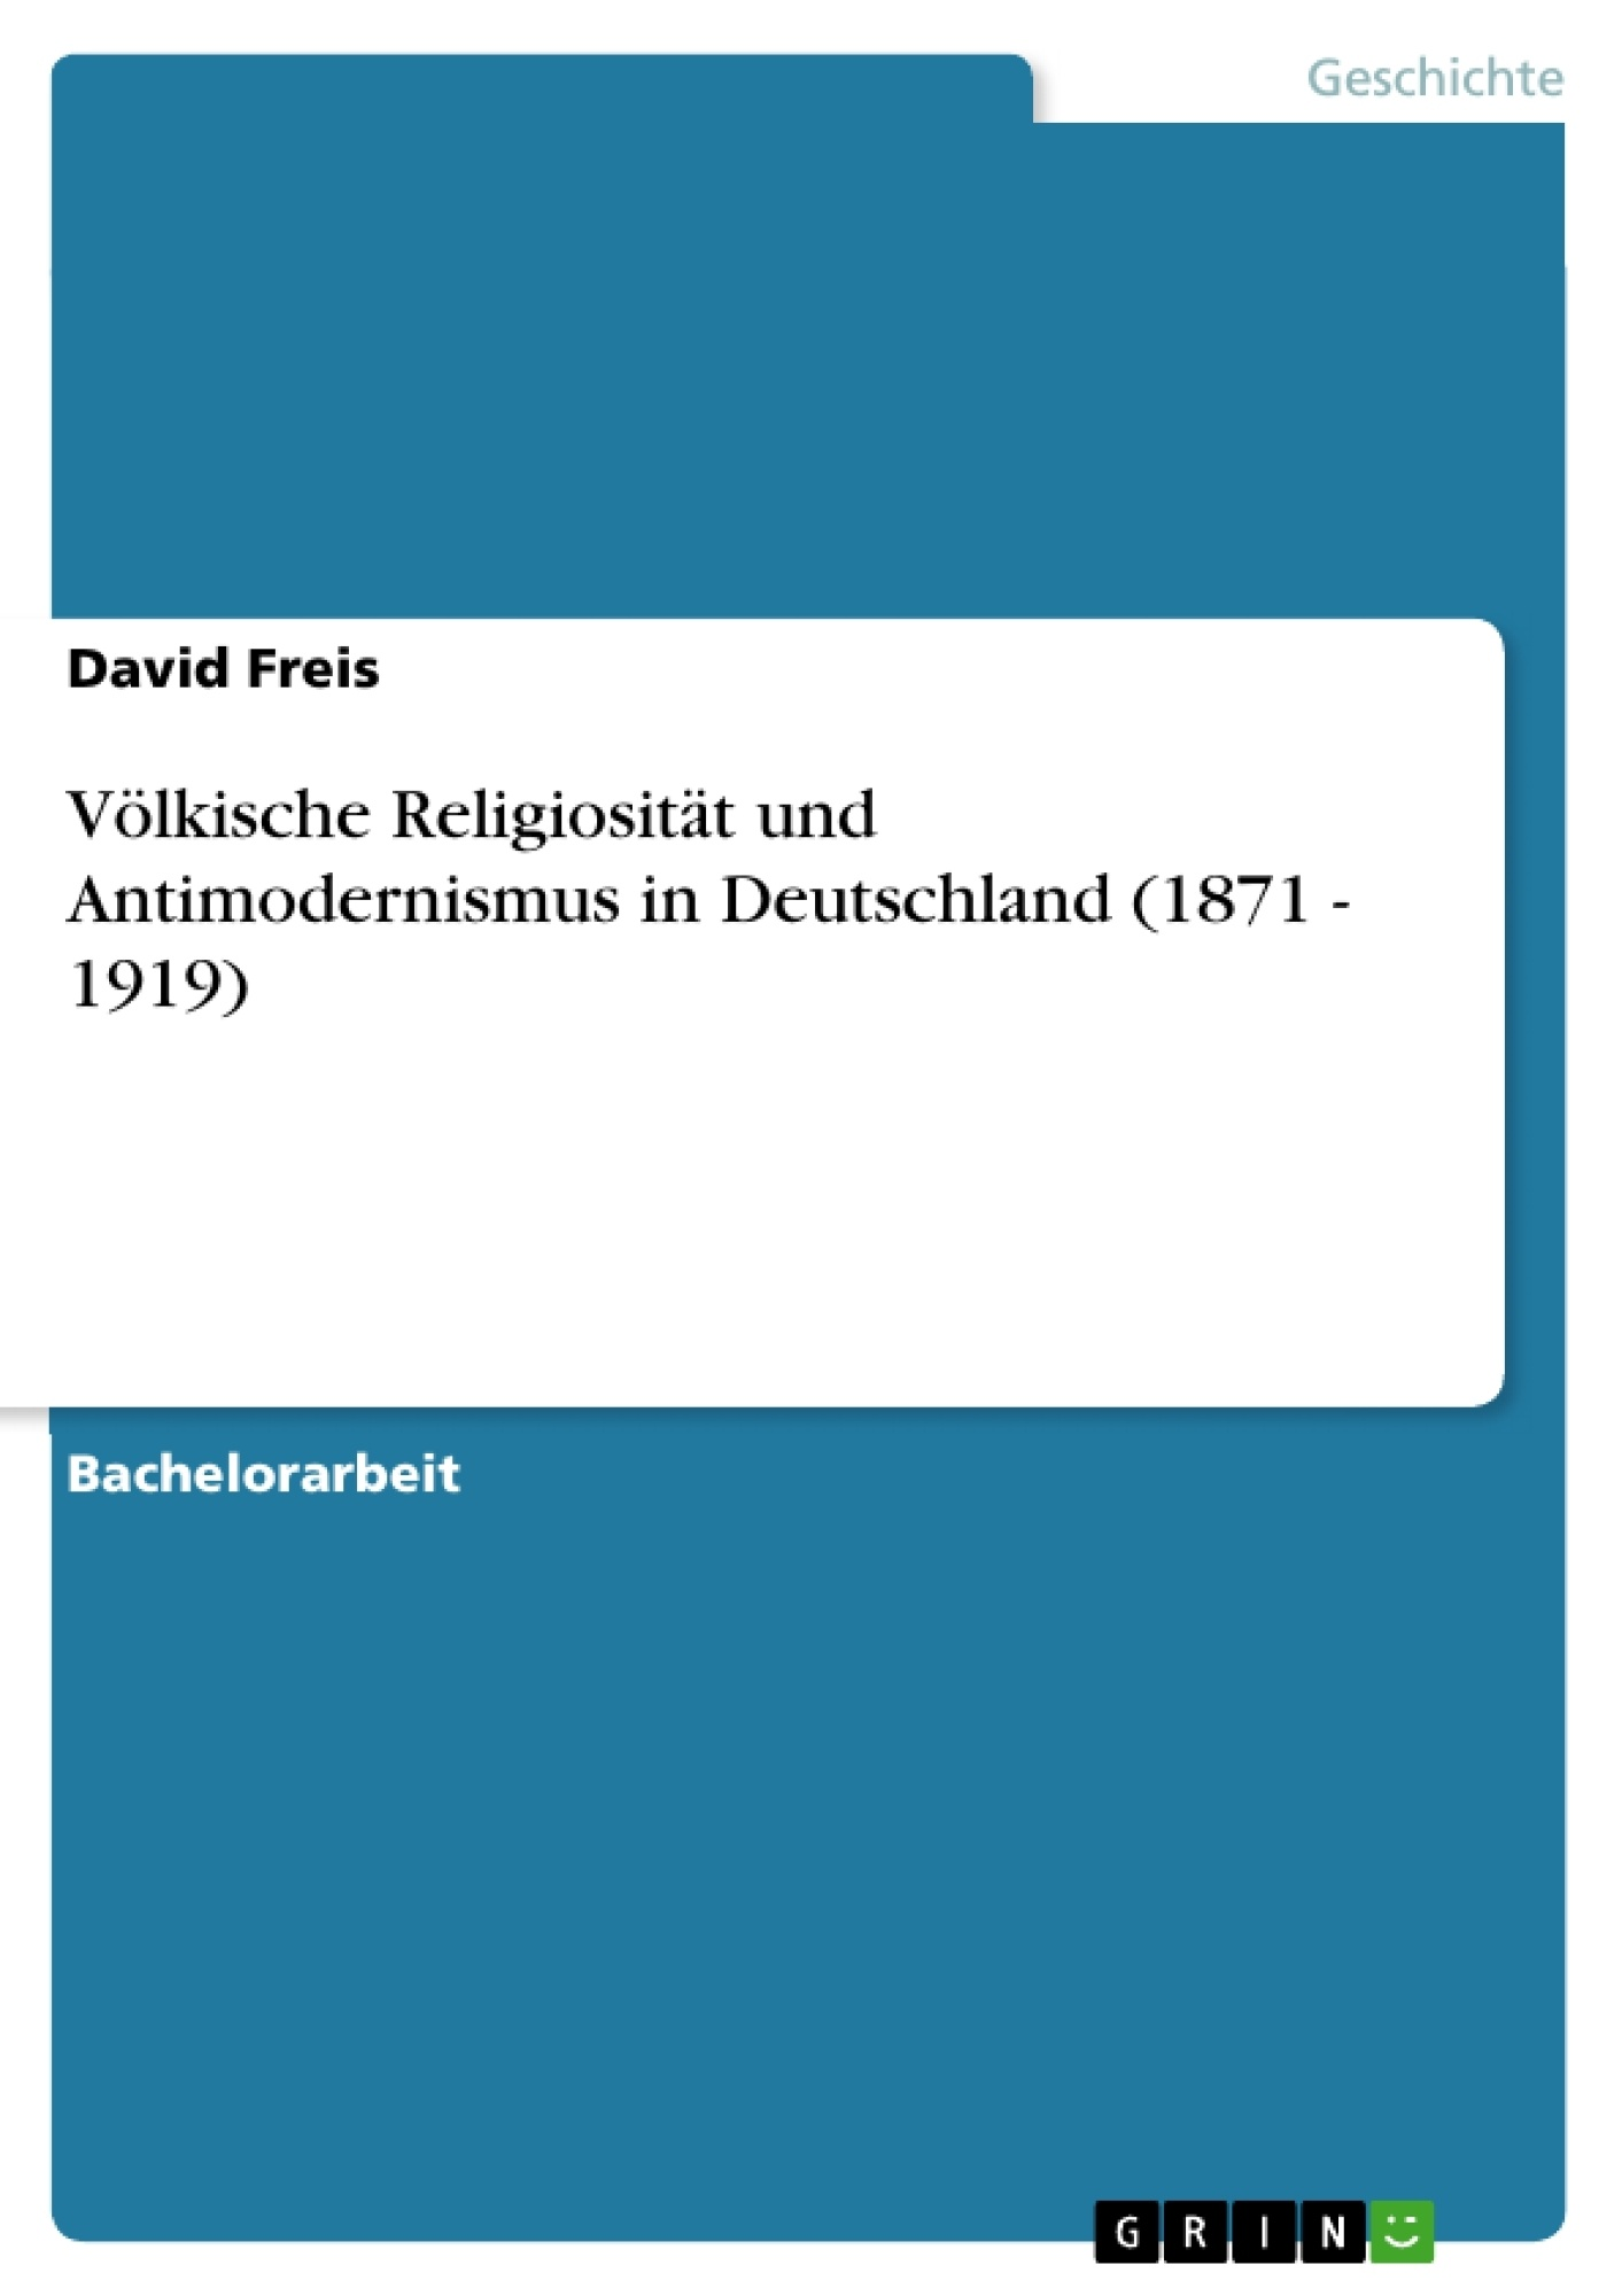 Titel: Völkische Religiosität und Antimodernismus in Deutschland (1871 - 1919)